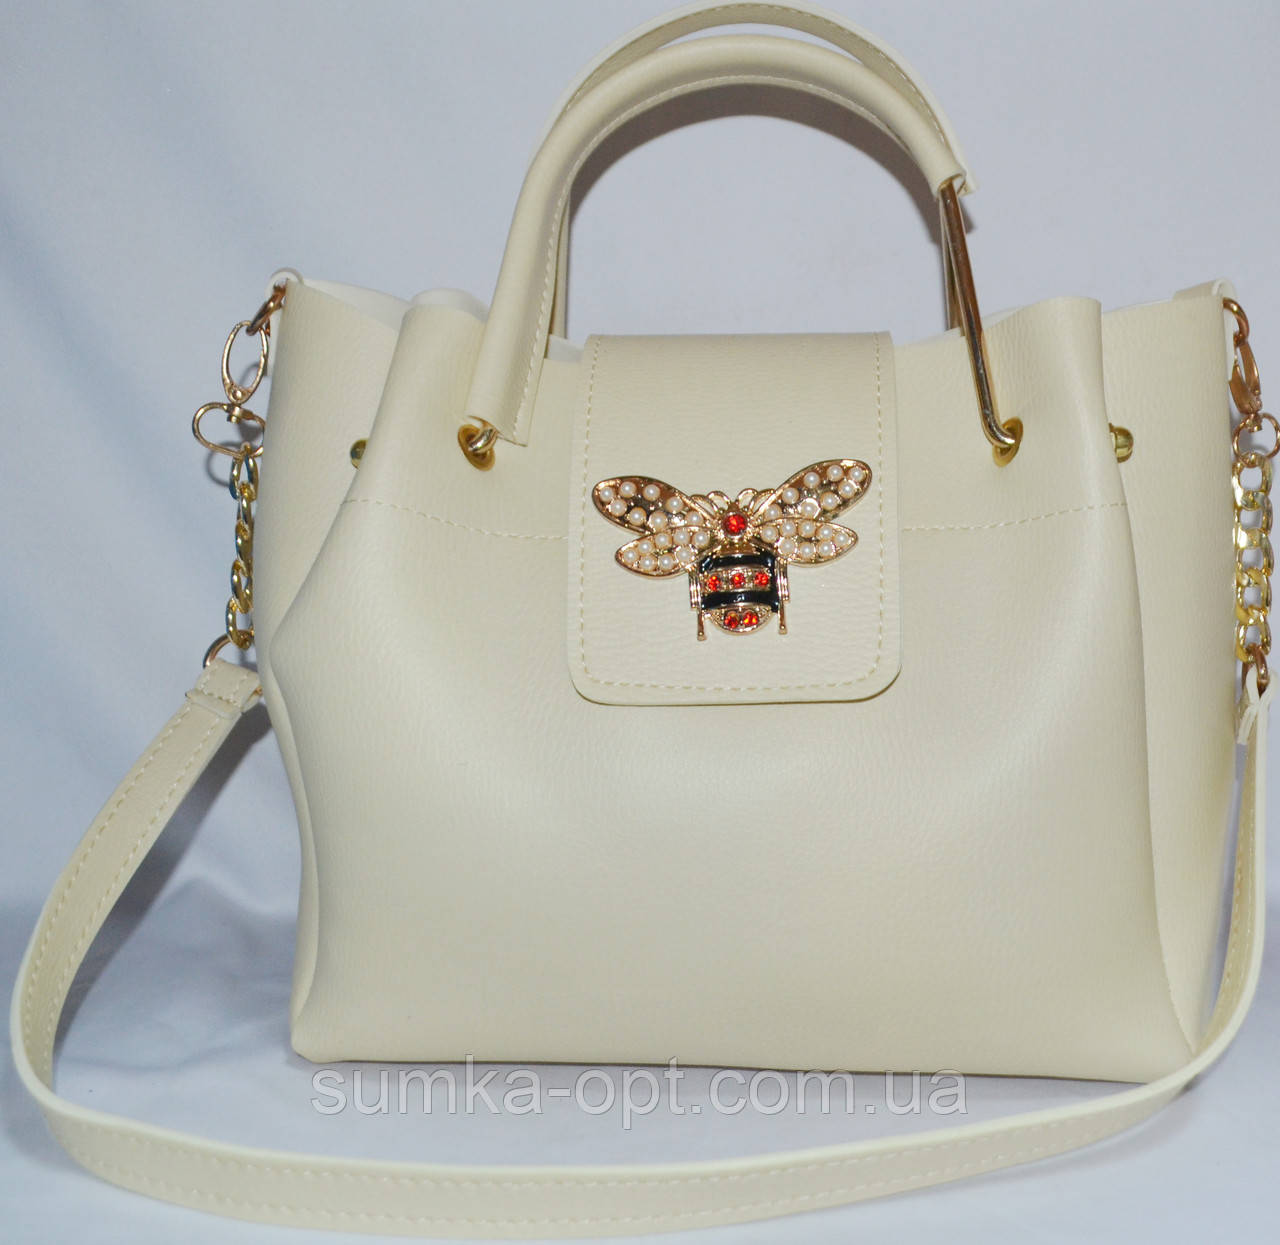 Женские сумки брендовые 2-в-1(молочный)25 25  продажа, цена в ... ba4e532156e